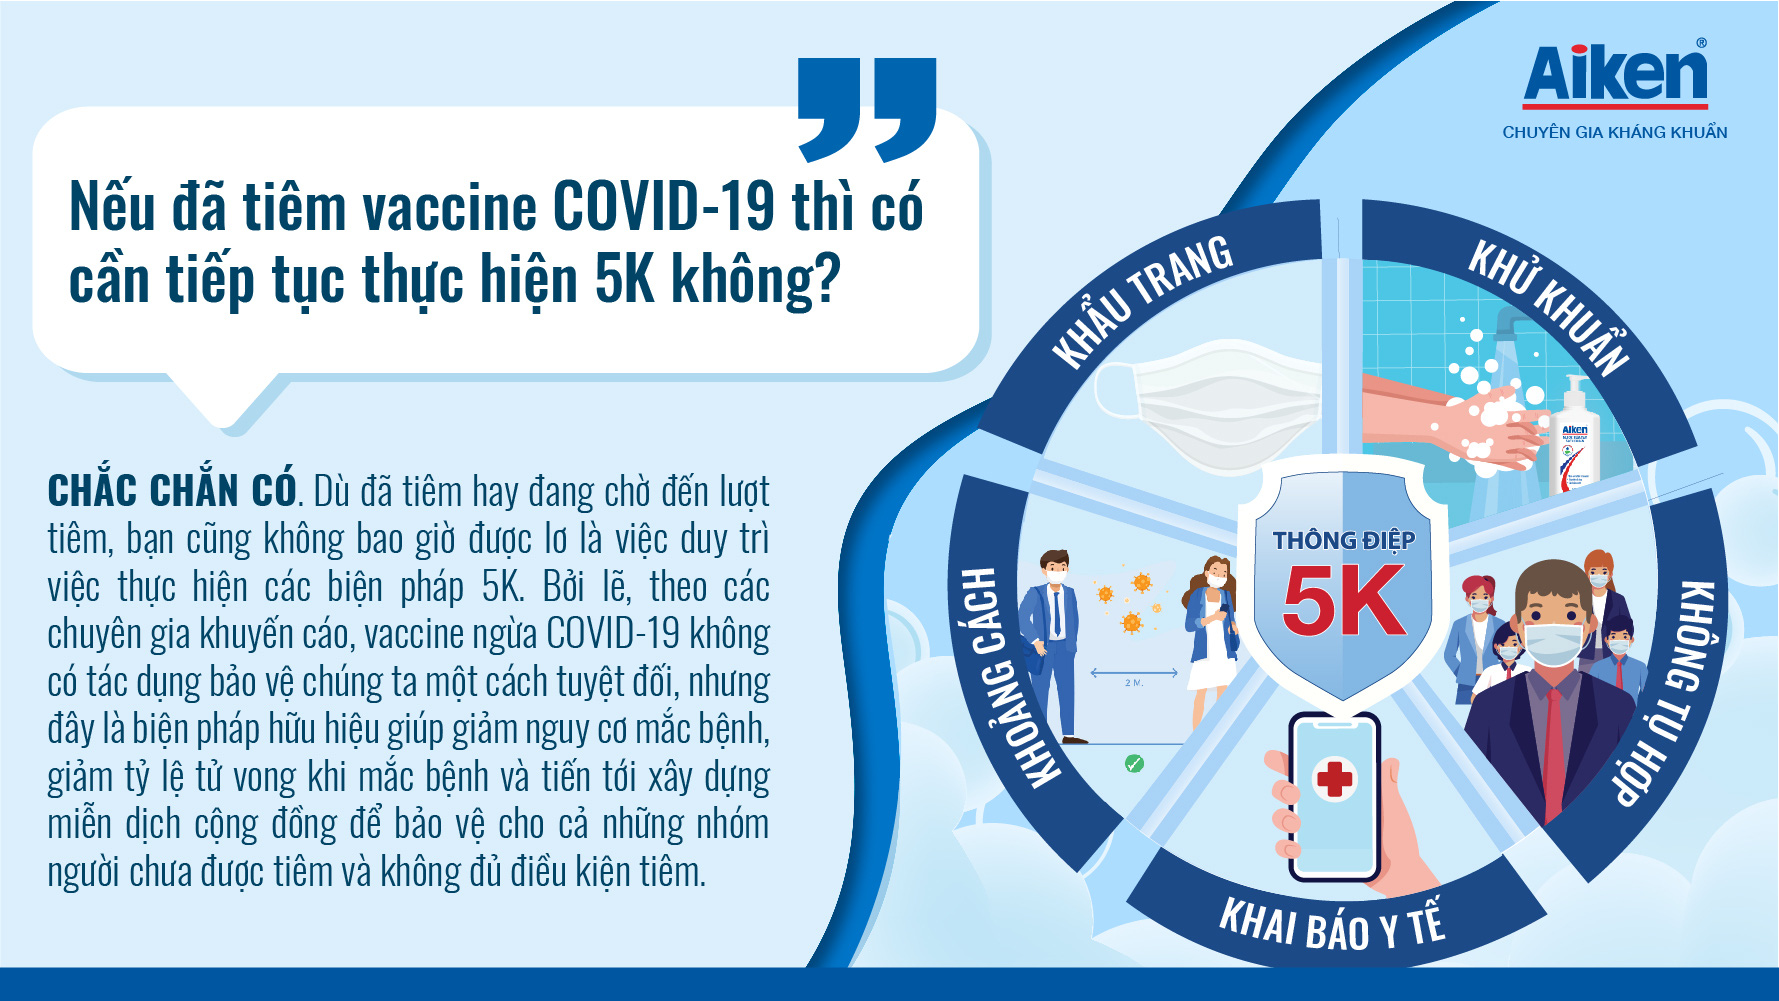 Giải đáp 1001 thắc mắc thường gặp, giúp bạn tự tin và an tâm hơn khi đi tiêm phòng COVID-19 - Ảnh 7.